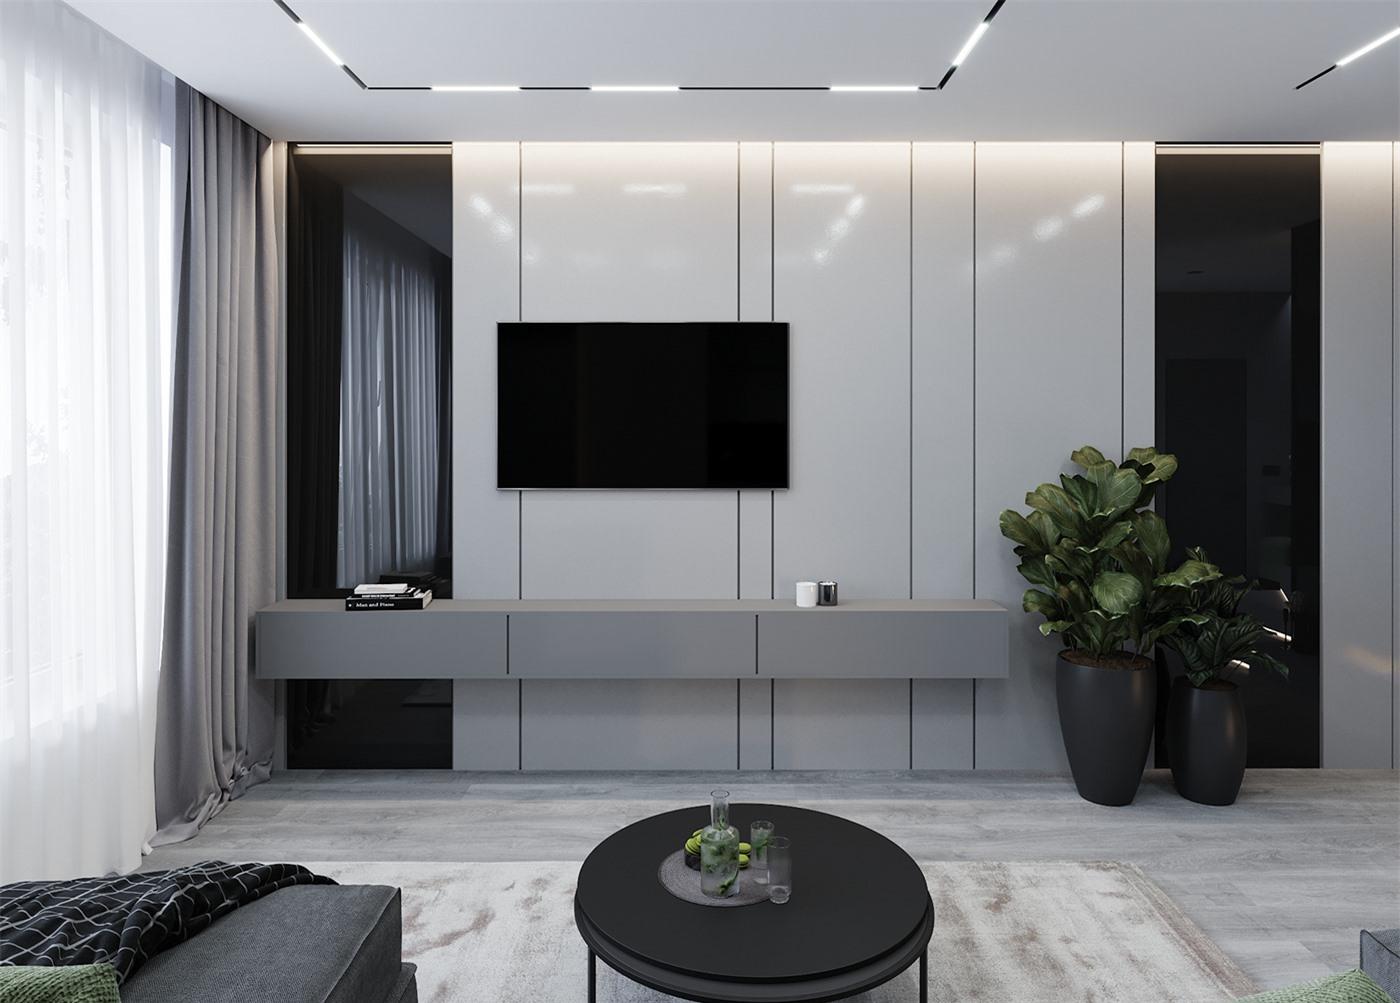 Kiến trúc sư tư vấn thiết kế nhà cấp 4 diện tích 100m² cho gia đình 3 thế hệ chi phí 237 triệu - Ảnh 4.